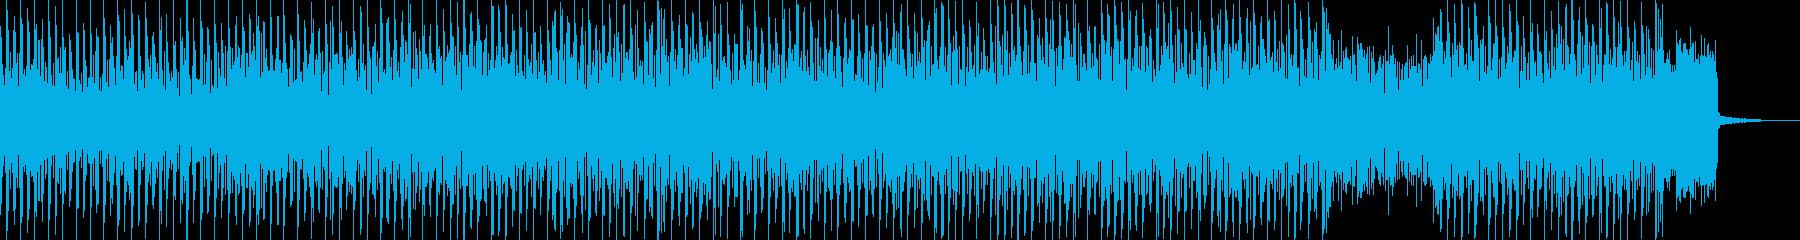 ロジック、推理、サスペンス、ミステリーの再生済みの波形